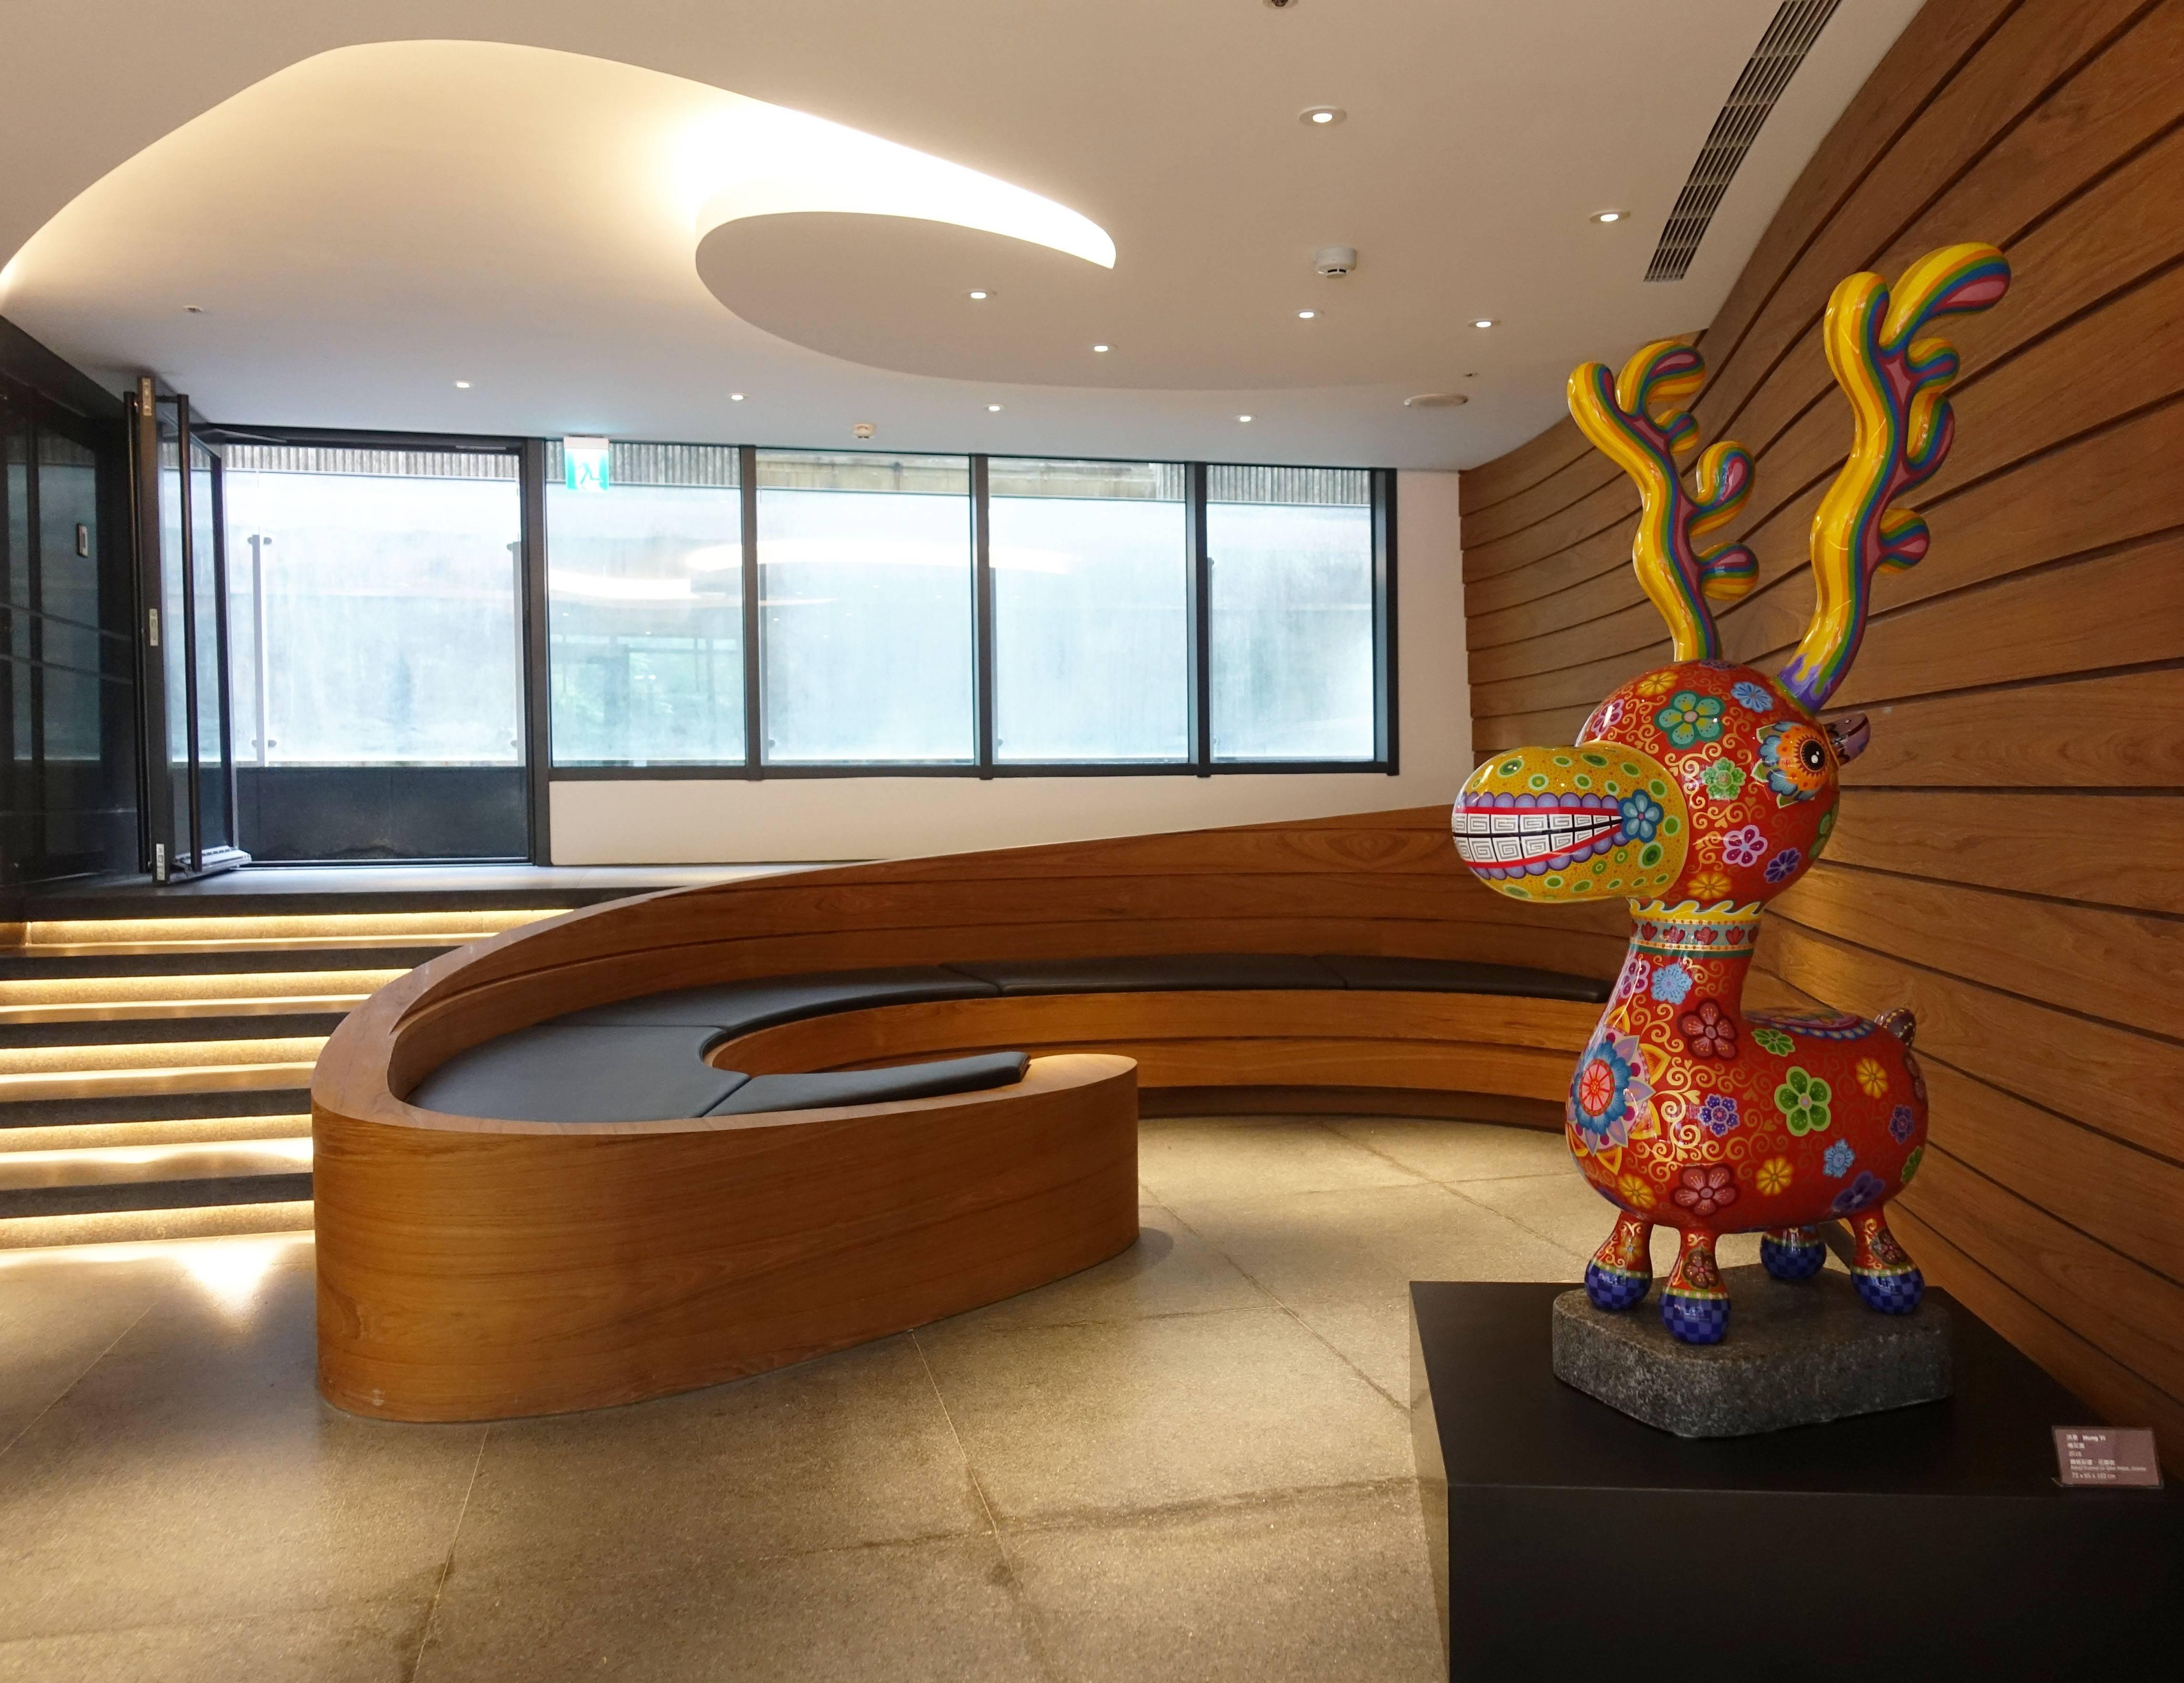 洪易,《梅花鹿》,73x65x153cm,鋼板彩繪、花崗岩,2018。